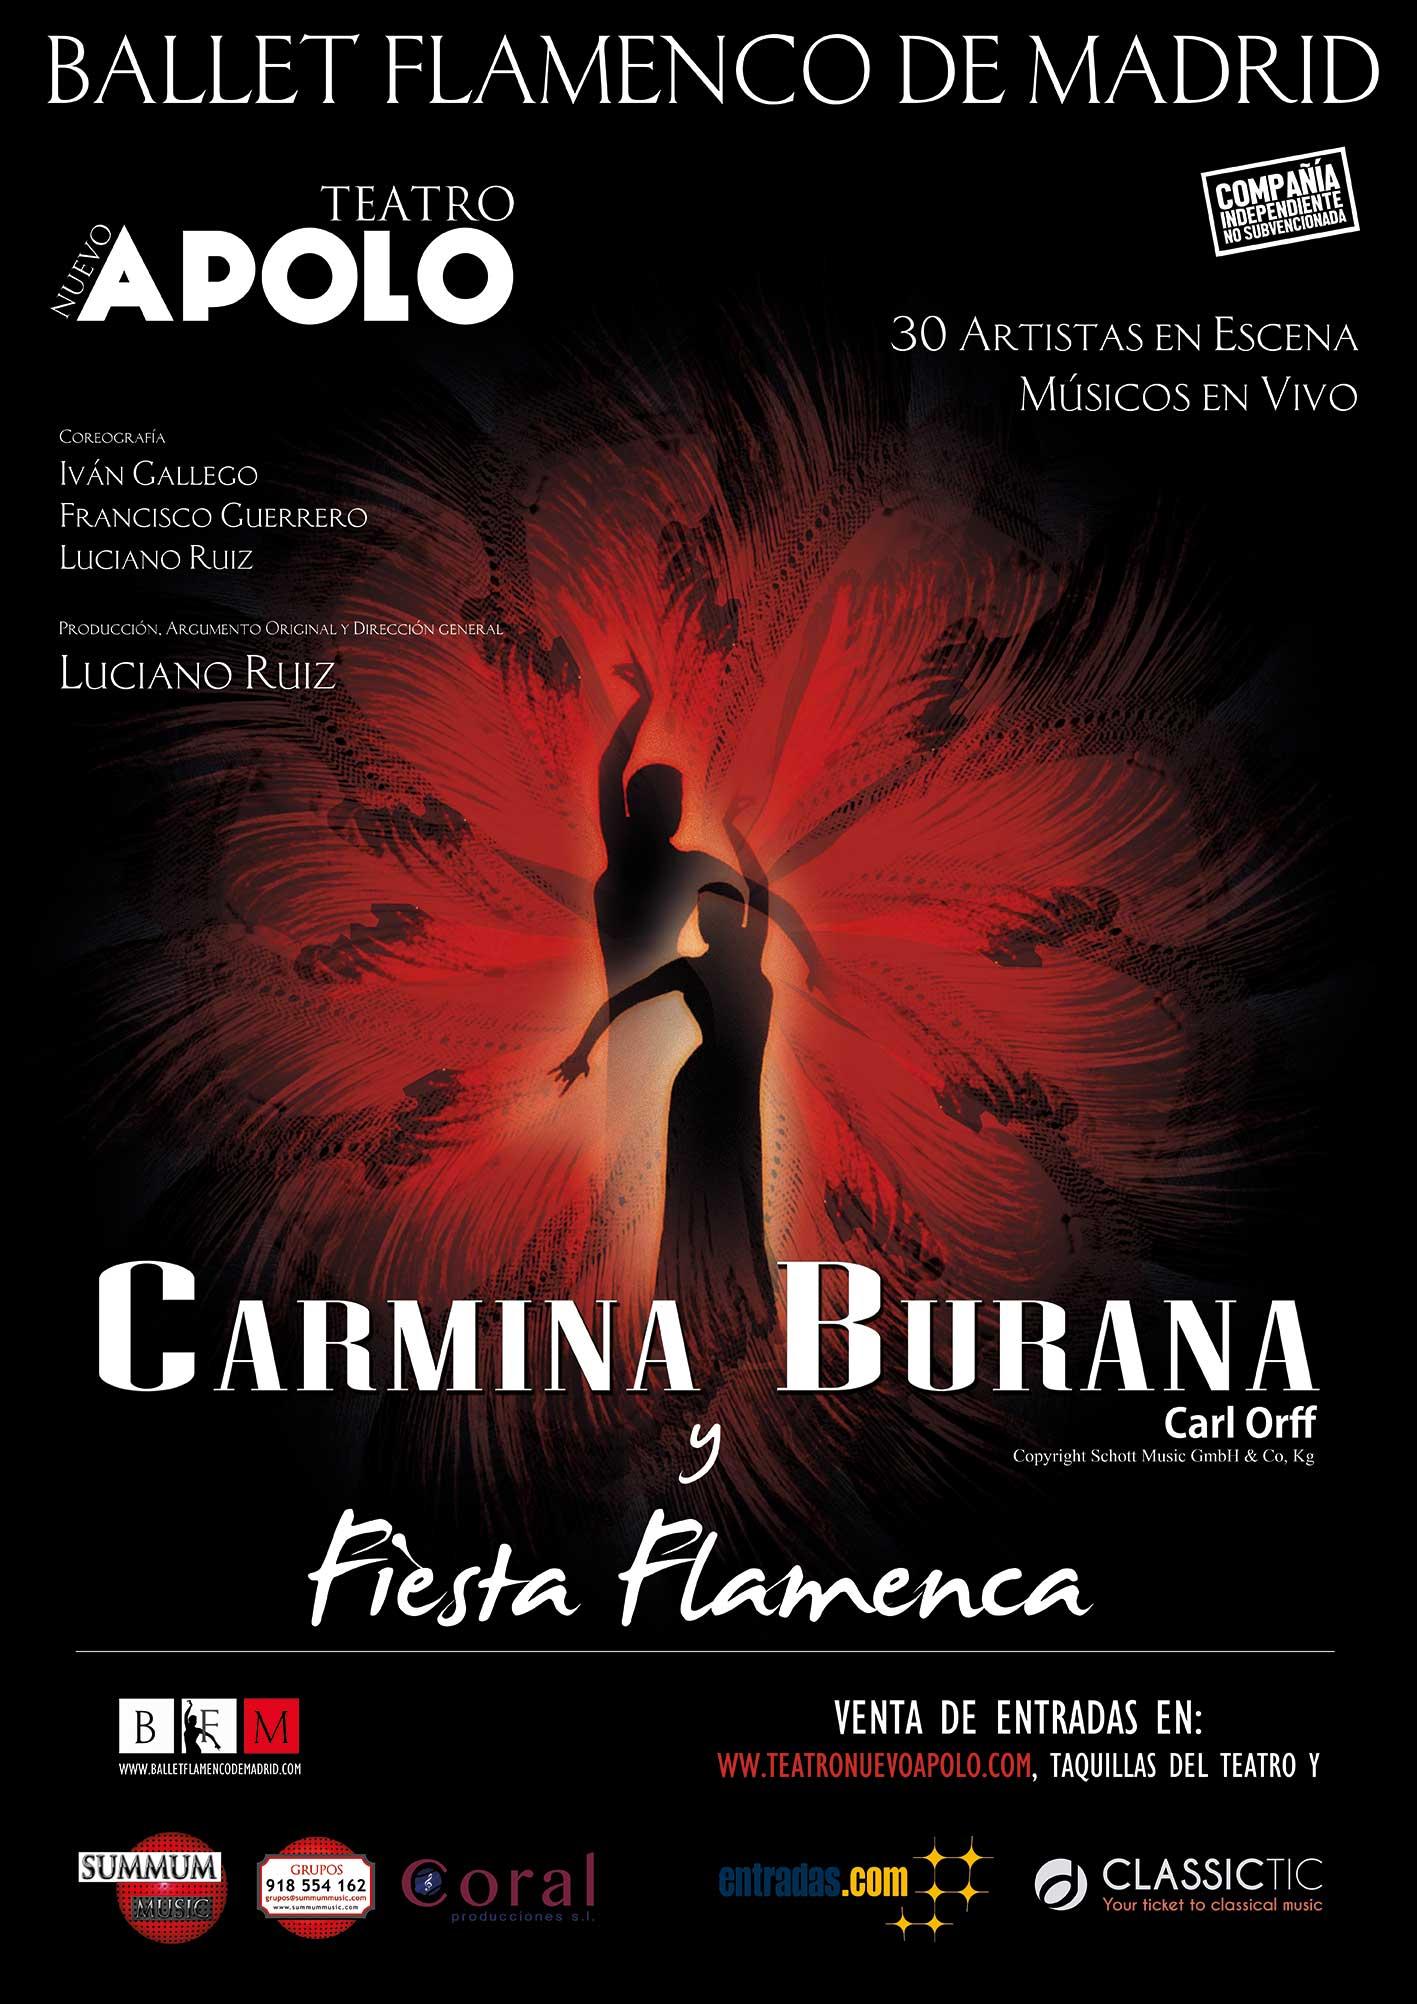 Carmina y fiesta flamenca